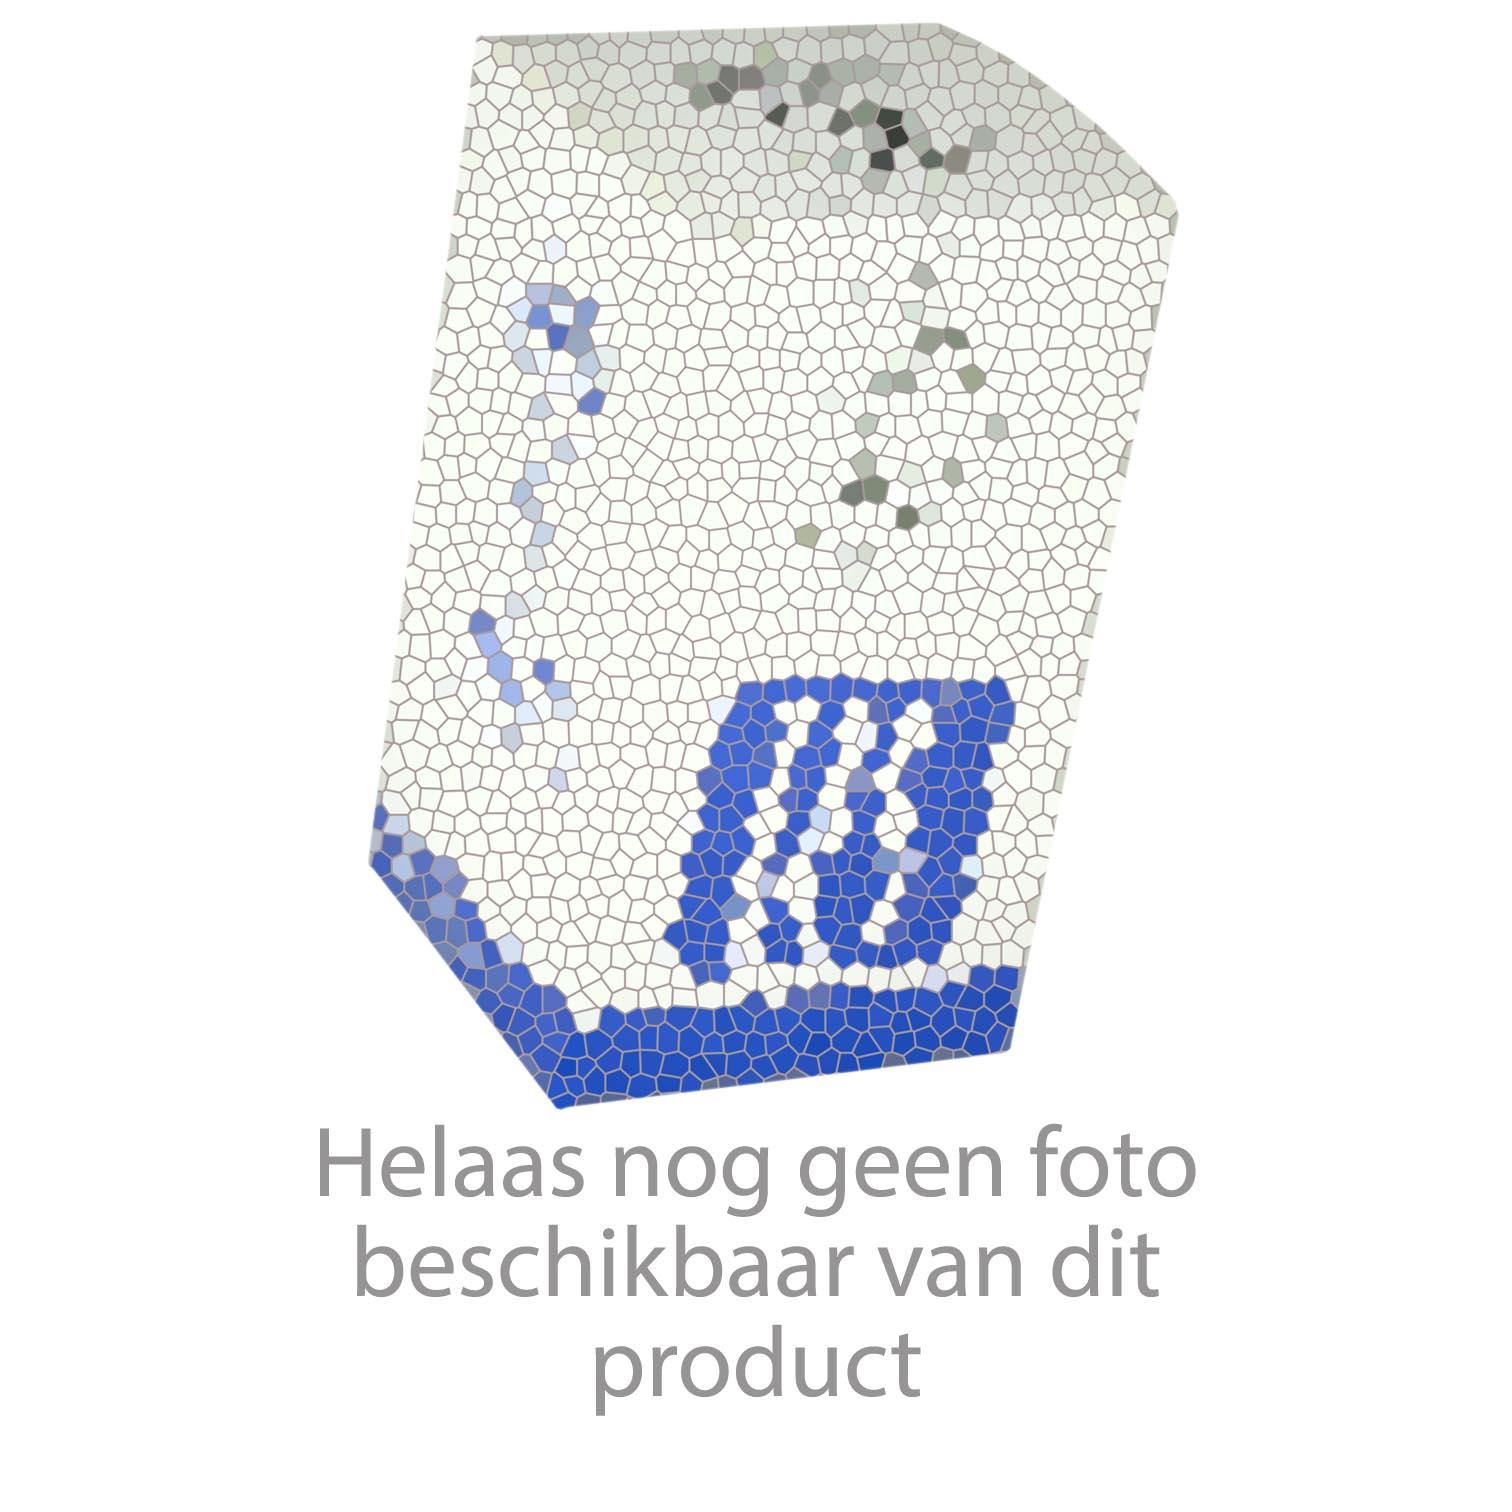 Grohe onderdelen Precision Comfort Thermostatische douchemengkraan Artikelnummer 34232000